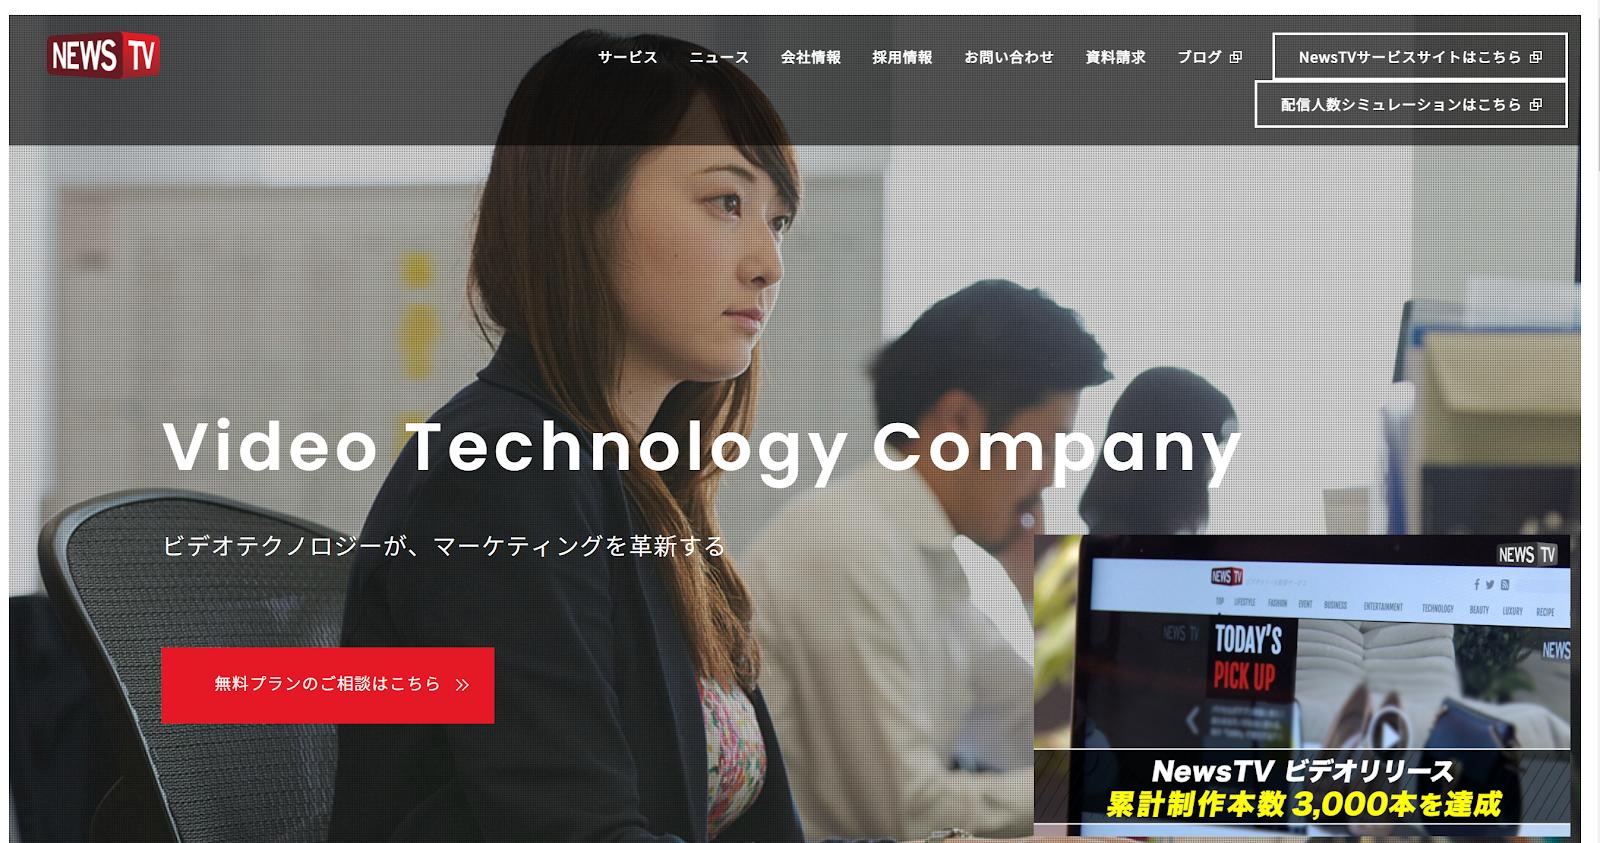 株式会社NEWS TV:動画制作費0円、独自のプラットフォームでPR